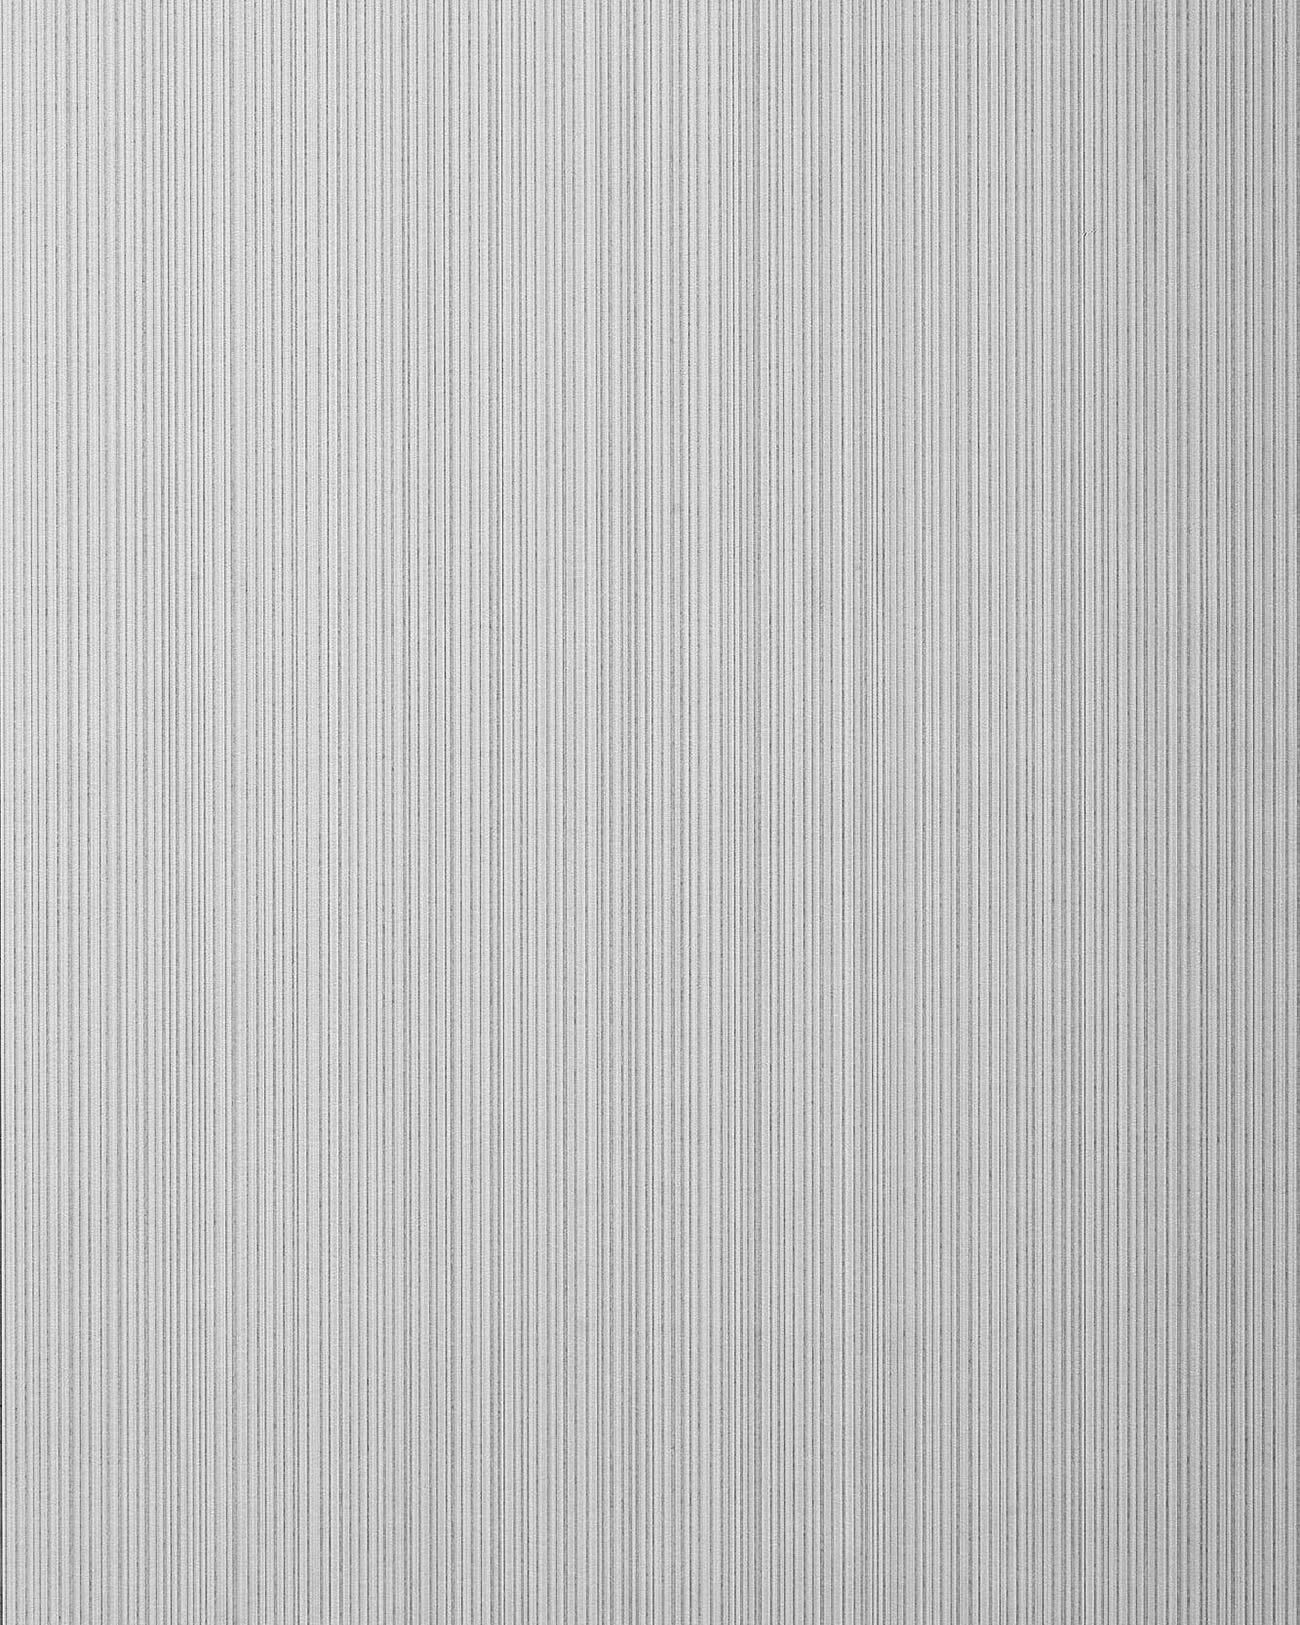 Papier Peint 224 Rayures Edem 557 16 Textur 233 Aspect Textile